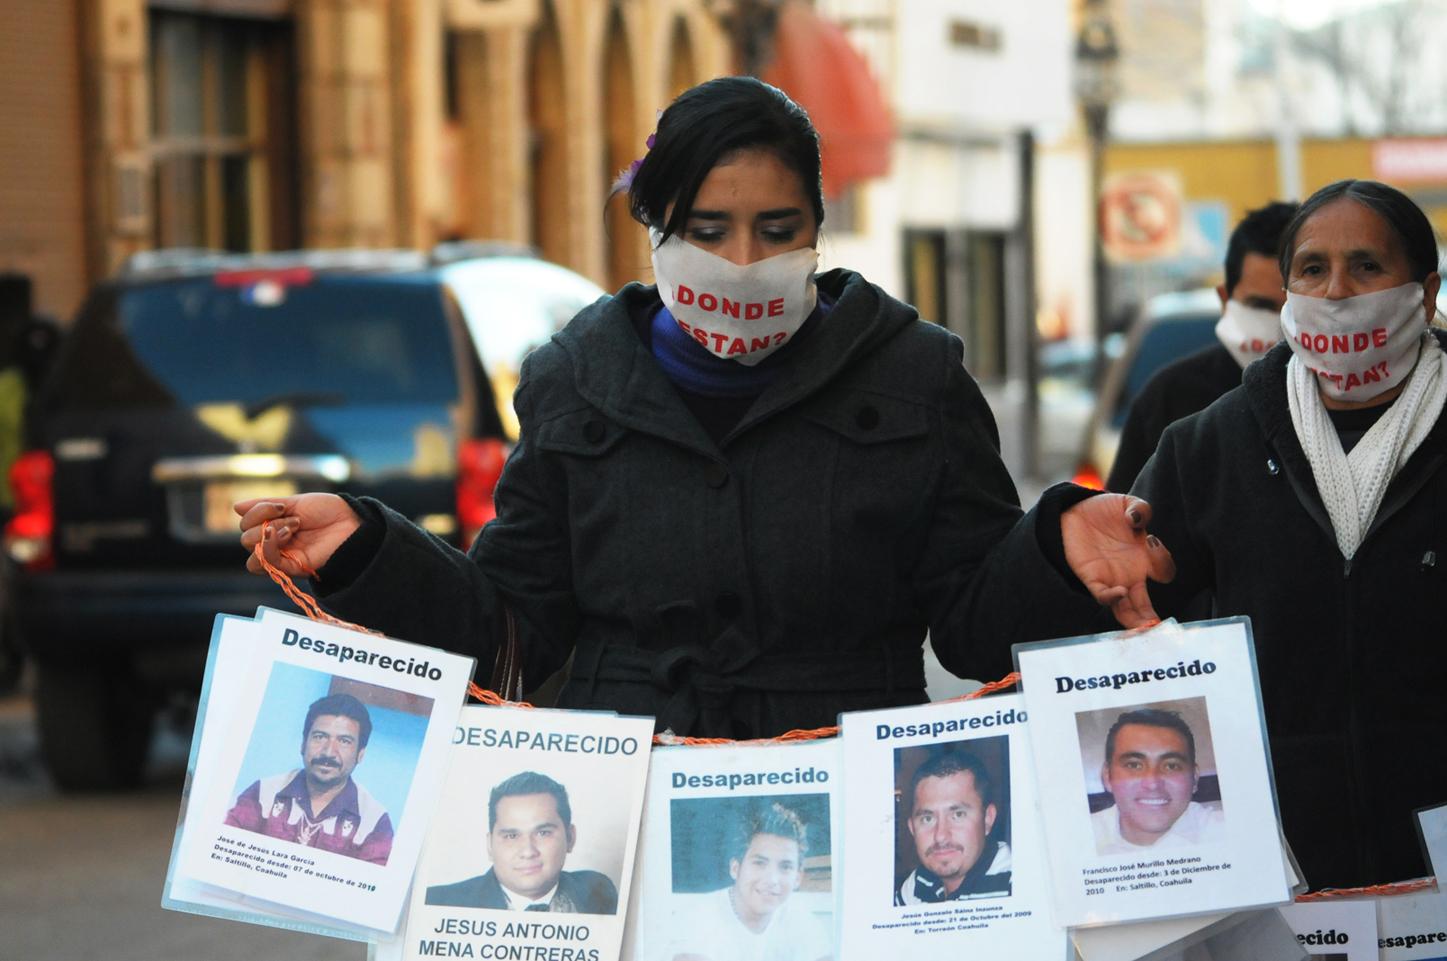 Inicia colecta de muestras de ADN a familiares de desaparecidos en Coahuila